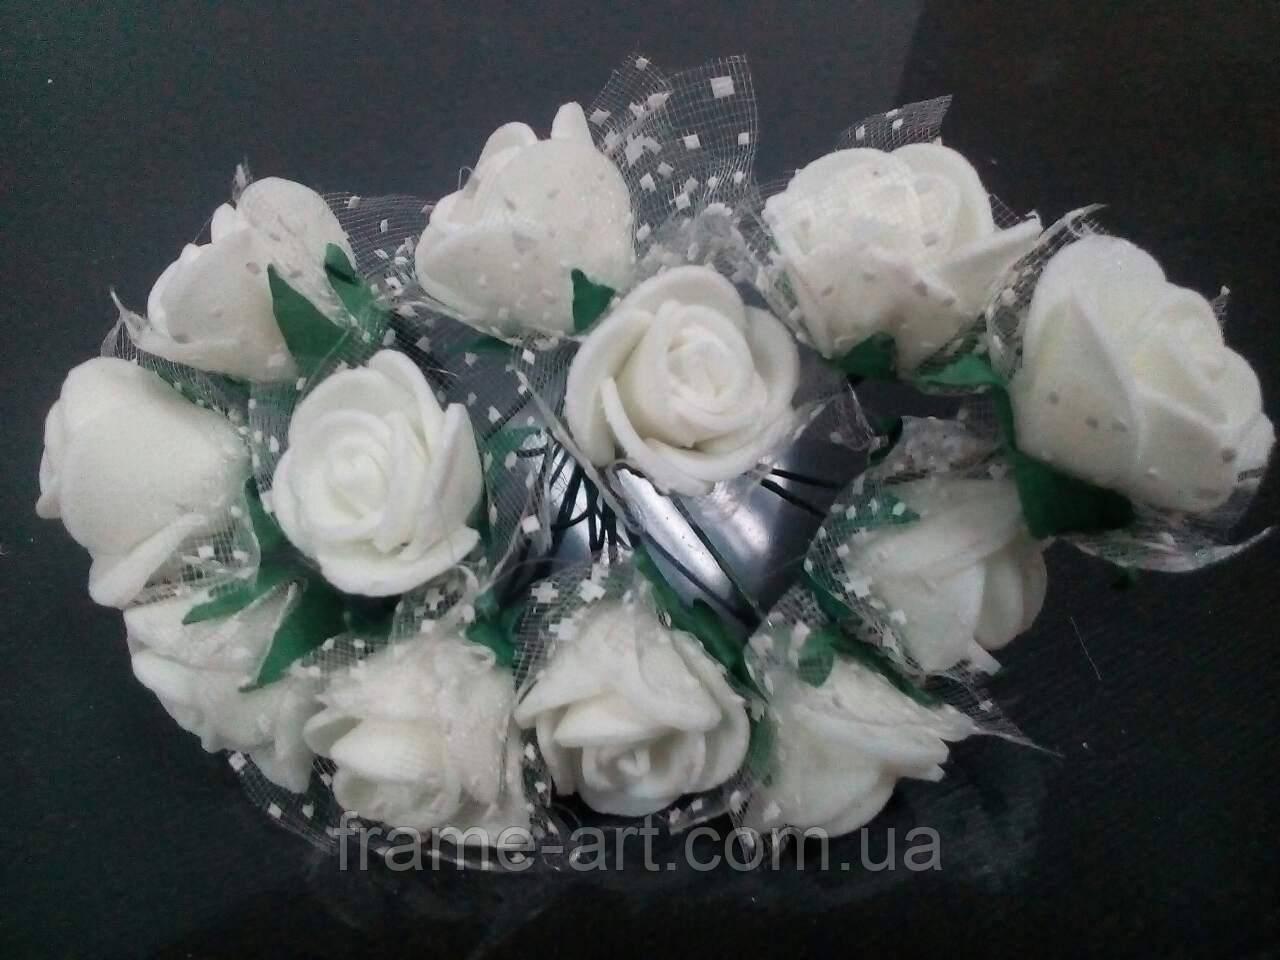 Букет роз из фома с фатином 1,5см 12 цветков, молочные